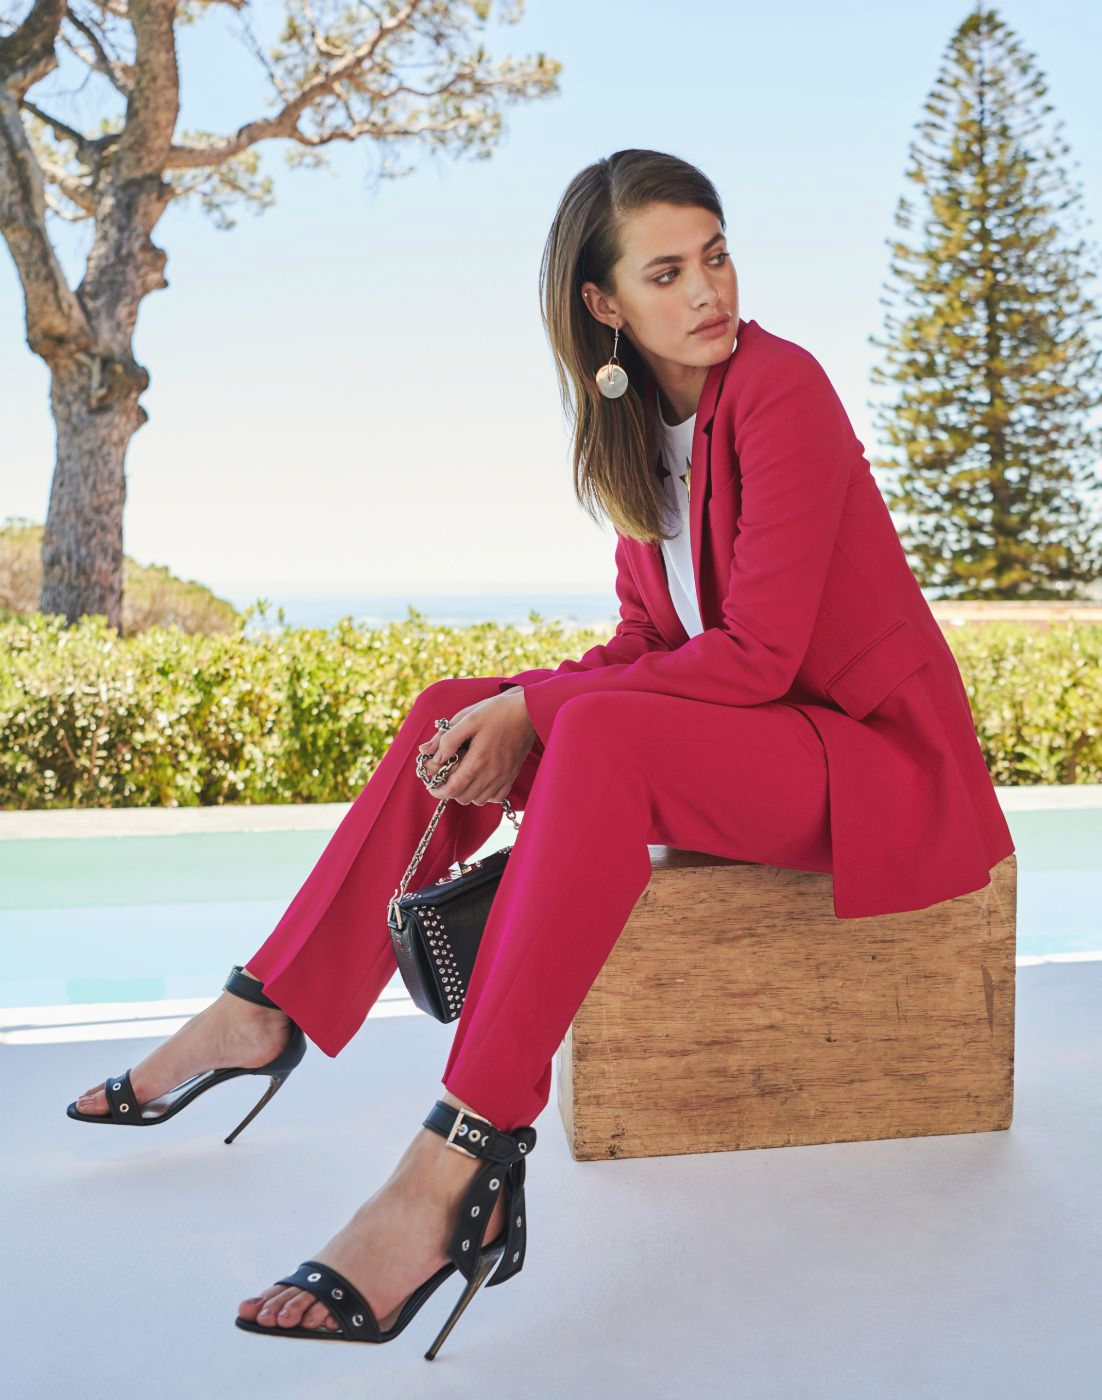 Klassisch, zeitlos und elegant, und wir lieben die Kombination mit einem hosenanzug rot und schwarz finish Zubehör. Was denken sie darüber? #breuninger #womensfashion #thinkpink Zeitlos, zeitlos und elegant, und wir lieben die Verknüpfung von roten hosenanzug …